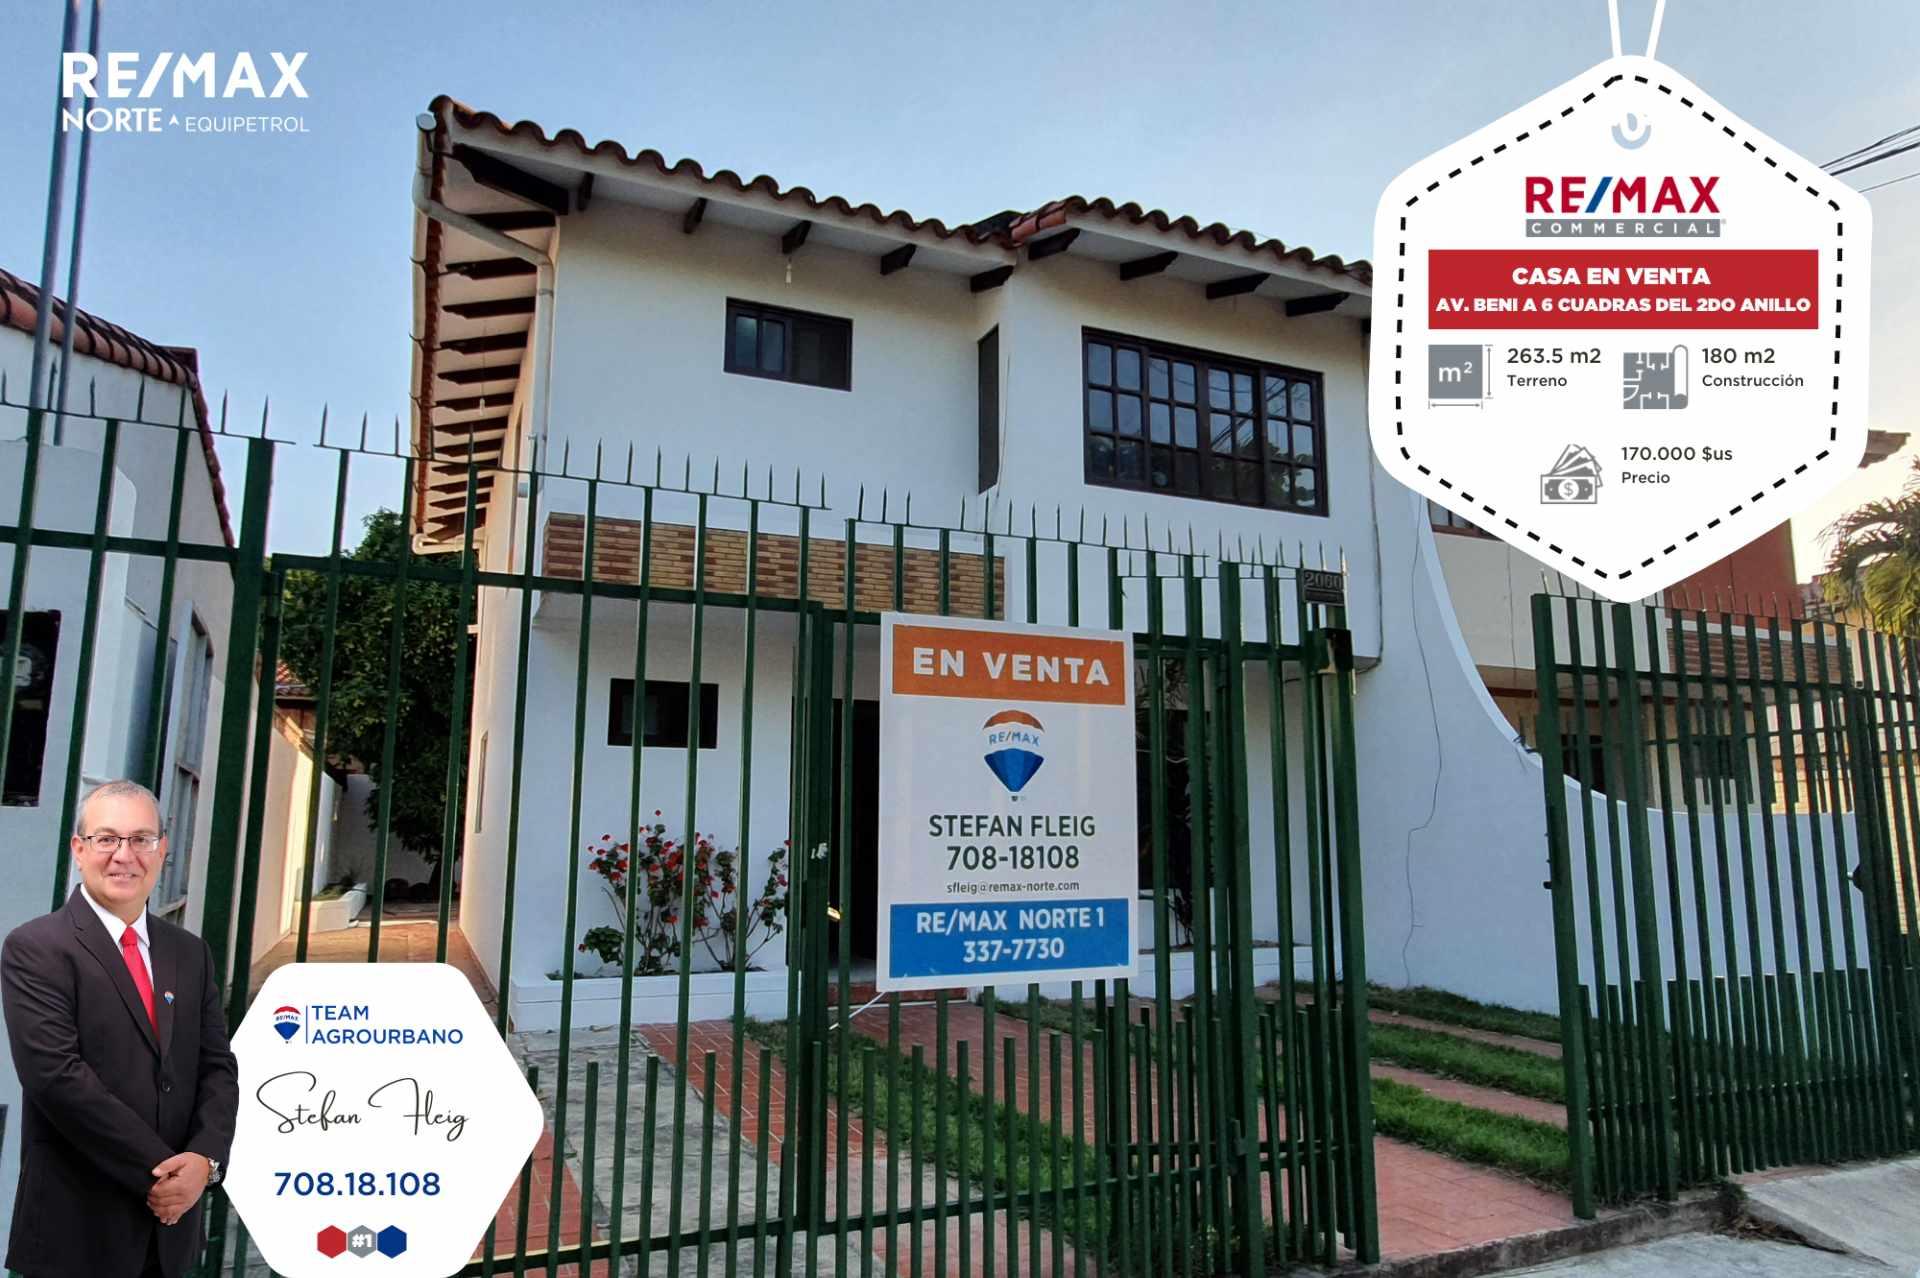 Casa en Venta Casa Avenida Beni entre 2do y 3er anillo, calle Guapomo Foto 1